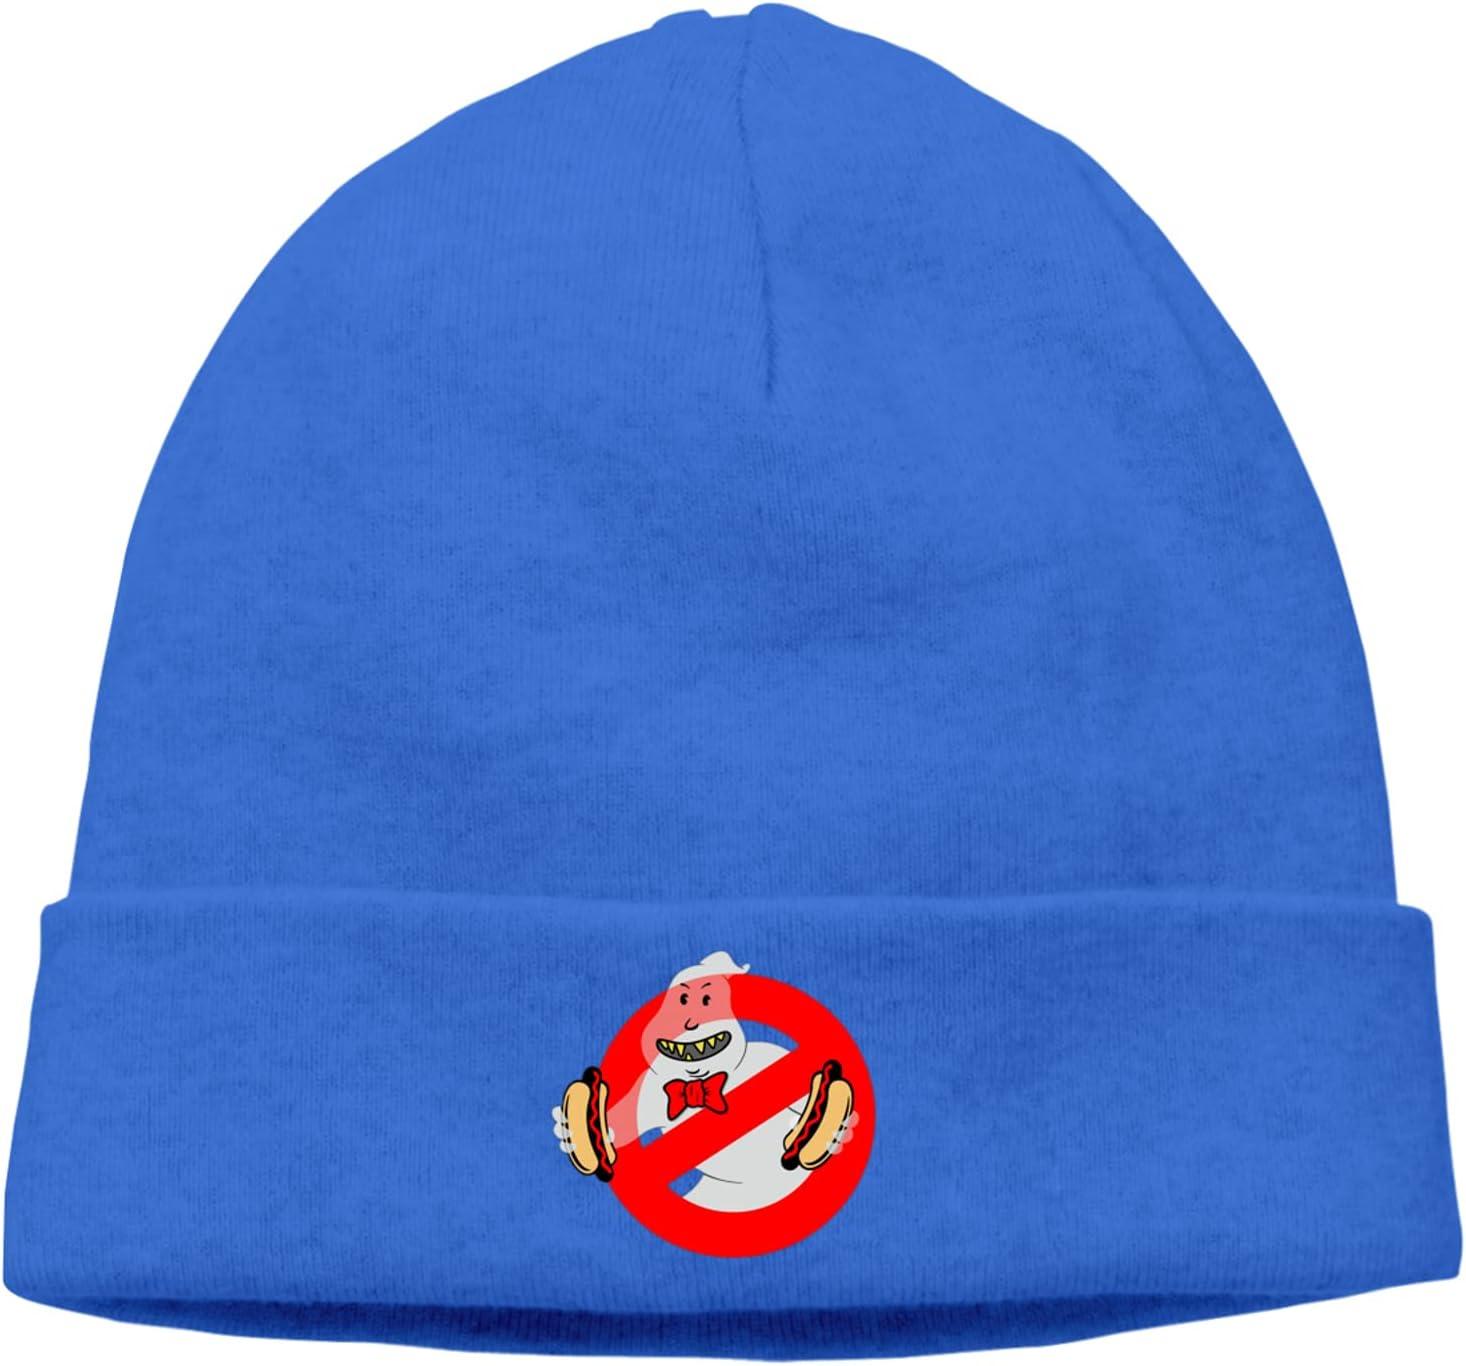 MoonStarDayUp Geek Ghostbusters Thin Knit Regular dealer Women Men San Francisco Mall Hats Beanies